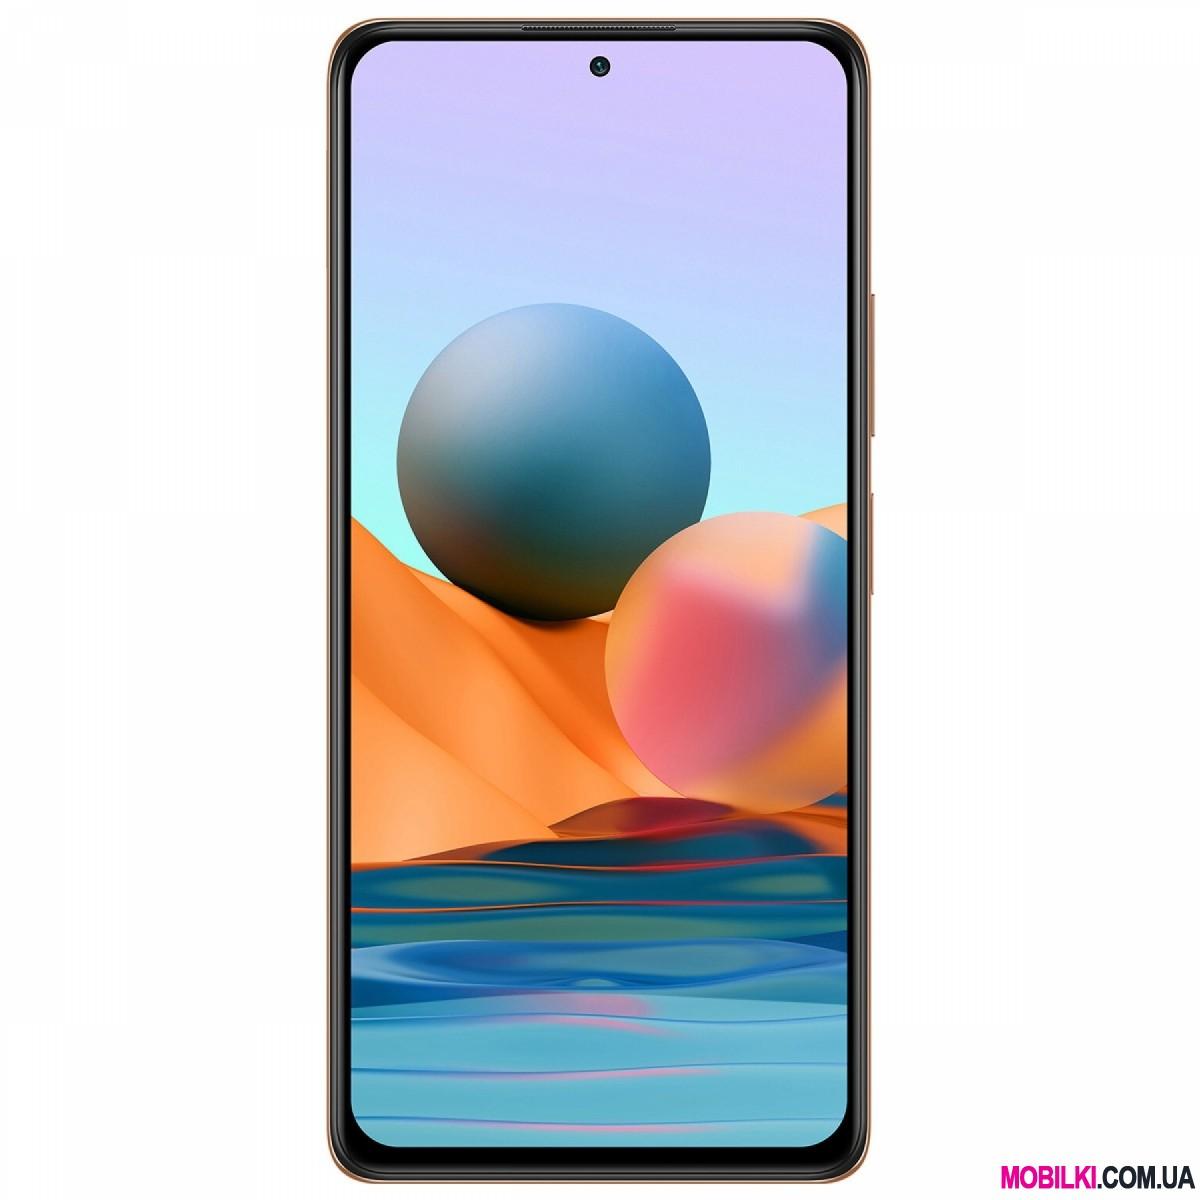 Xiaomi Note 10 Pro 6/128 UA